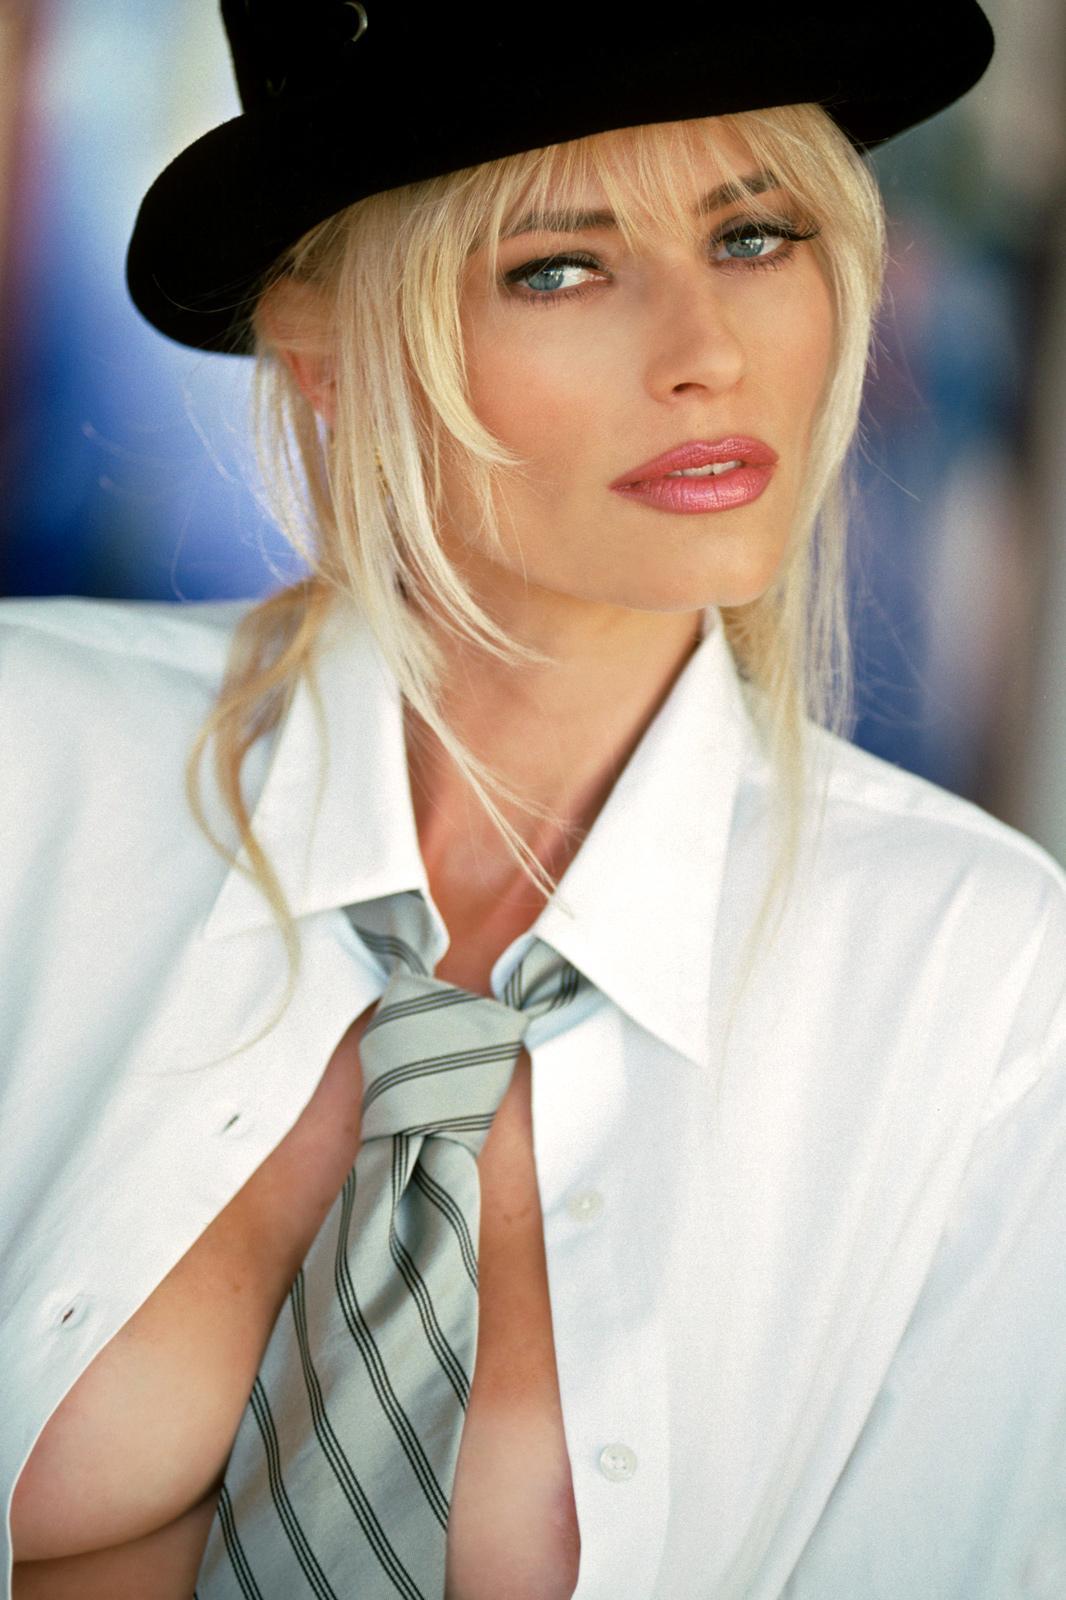 Marianne Gravatte - breasts